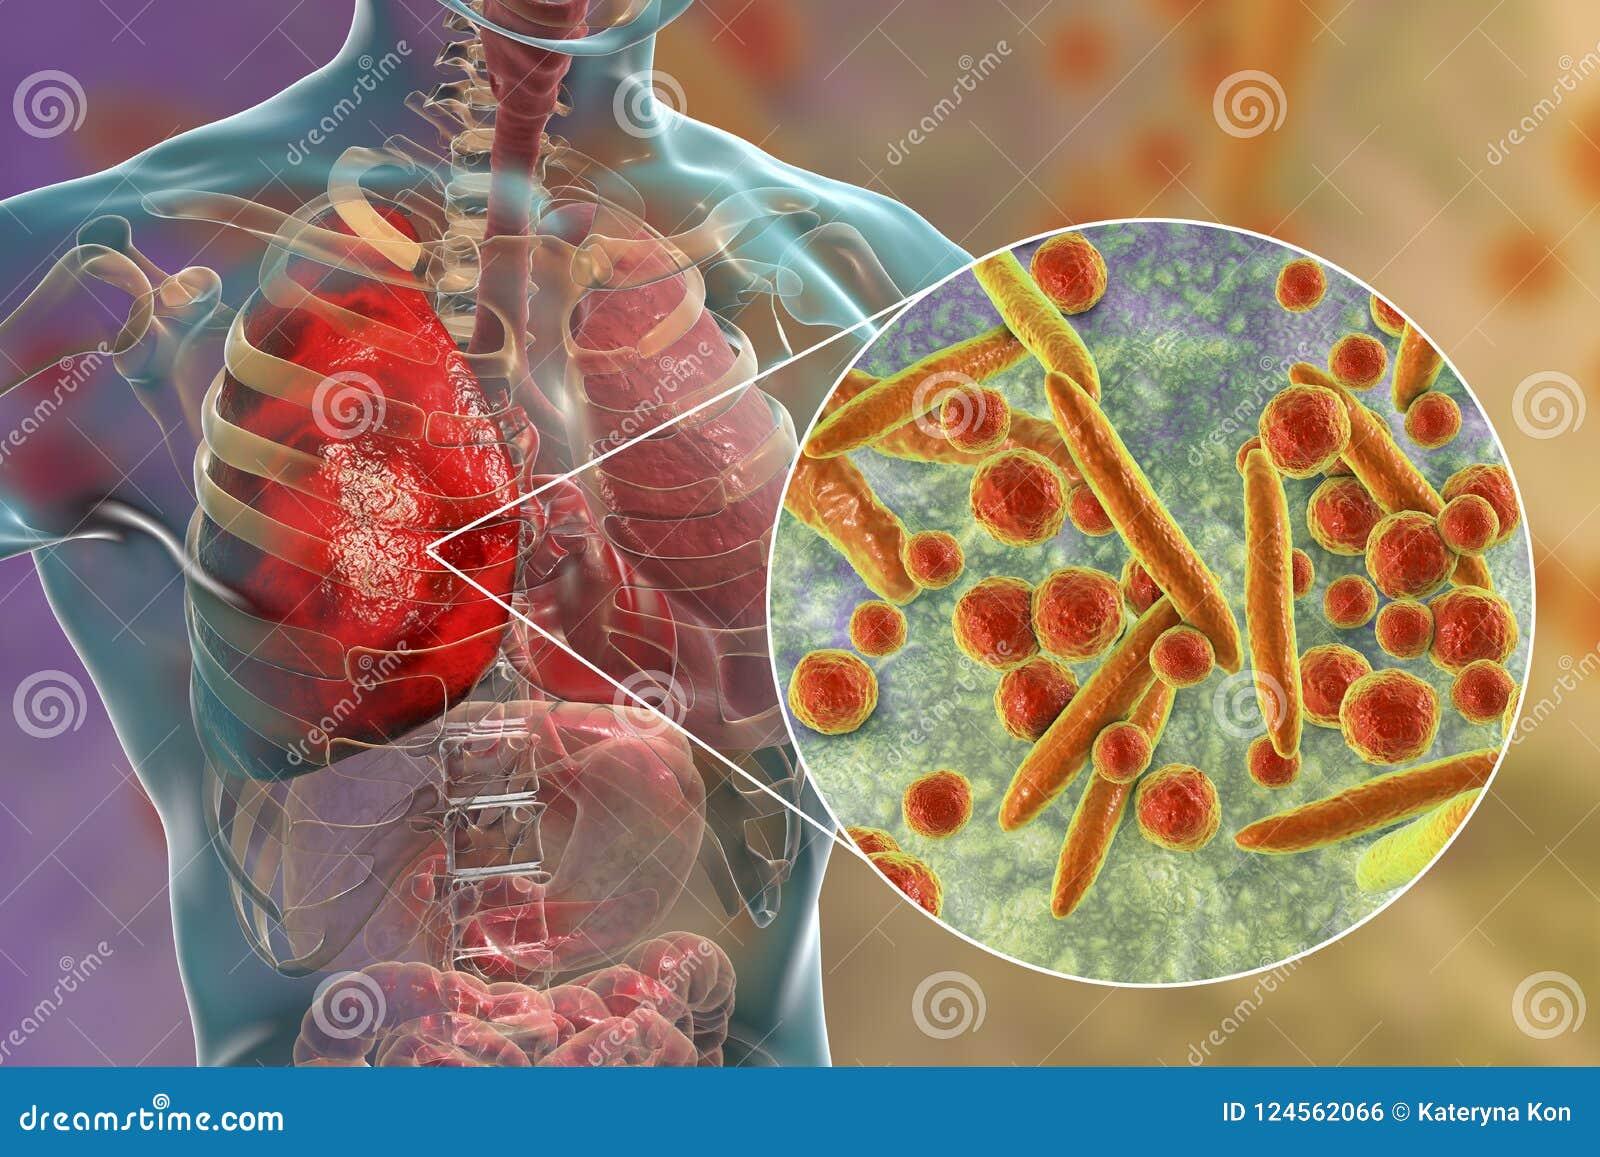 Płuco infekcja powodować bakterii Mycoplasma pneumoniae